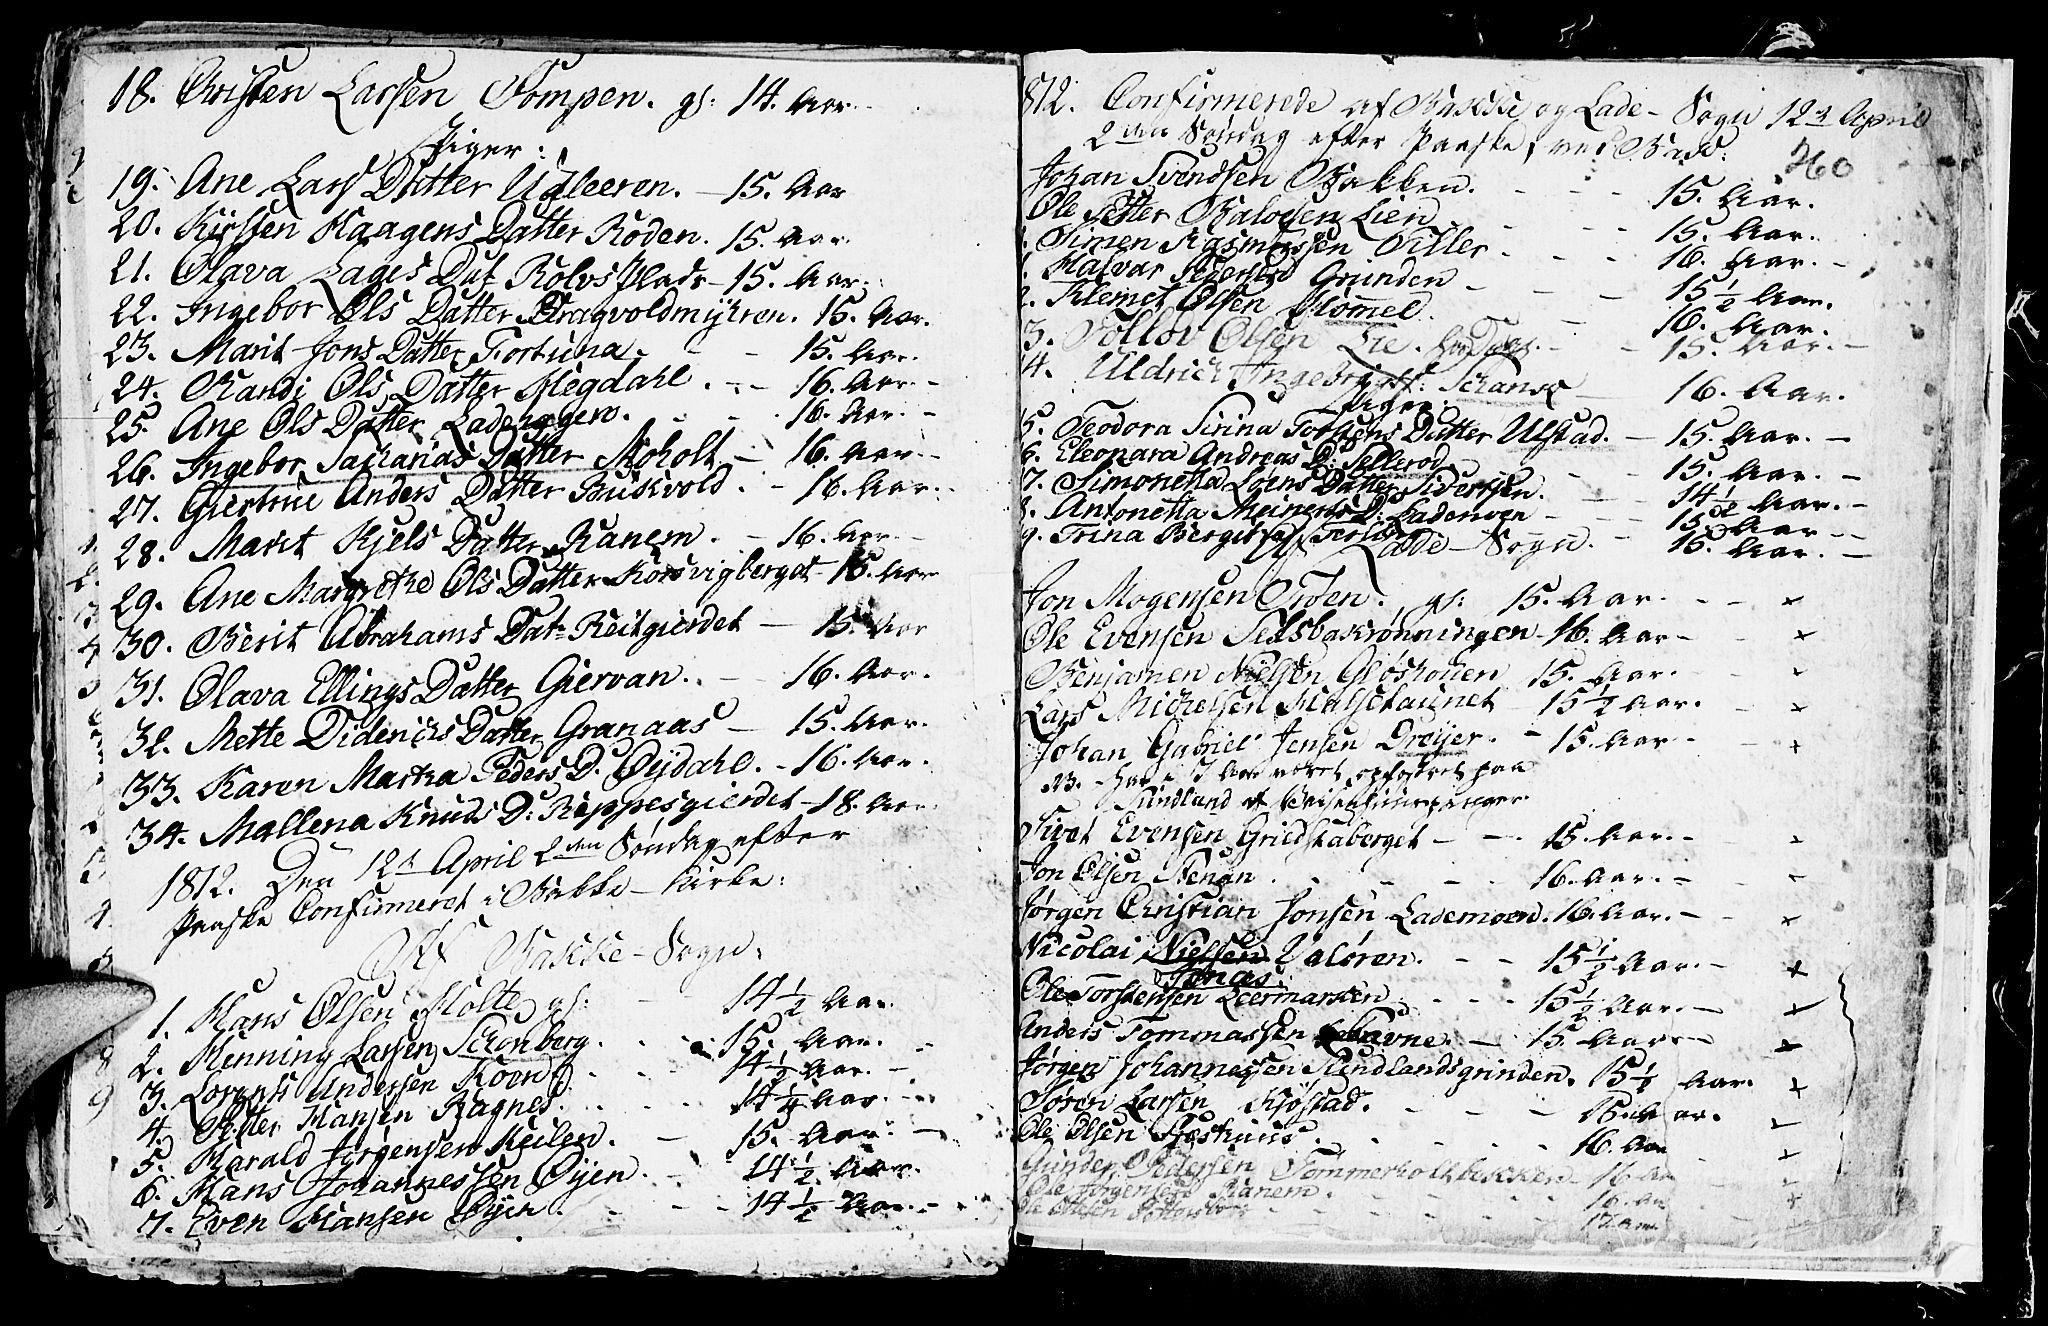 SAT, Ministerialprotokoller, klokkerbøker og fødselsregistre - Sør-Trøndelag, 604/L0218: Klokkerbok nr. 604C01, 1754-1819, s. 260